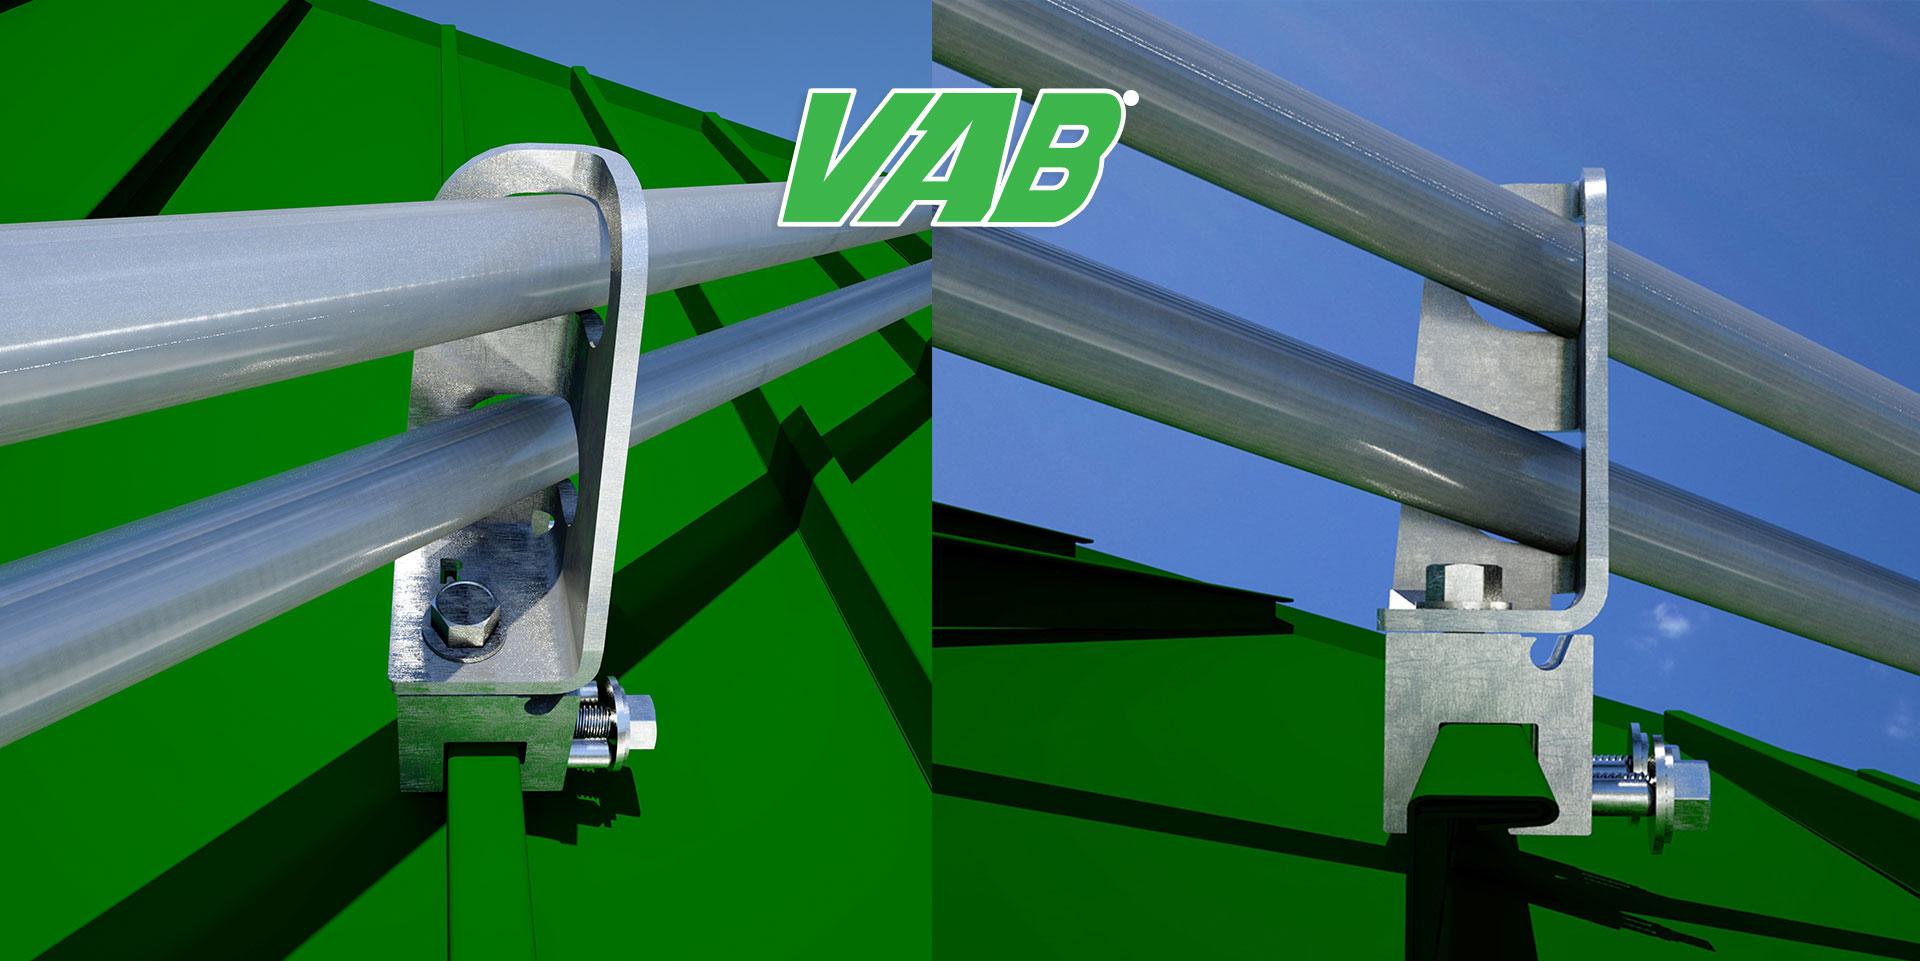 VAB (Variable Angled Bracket) for SSMR